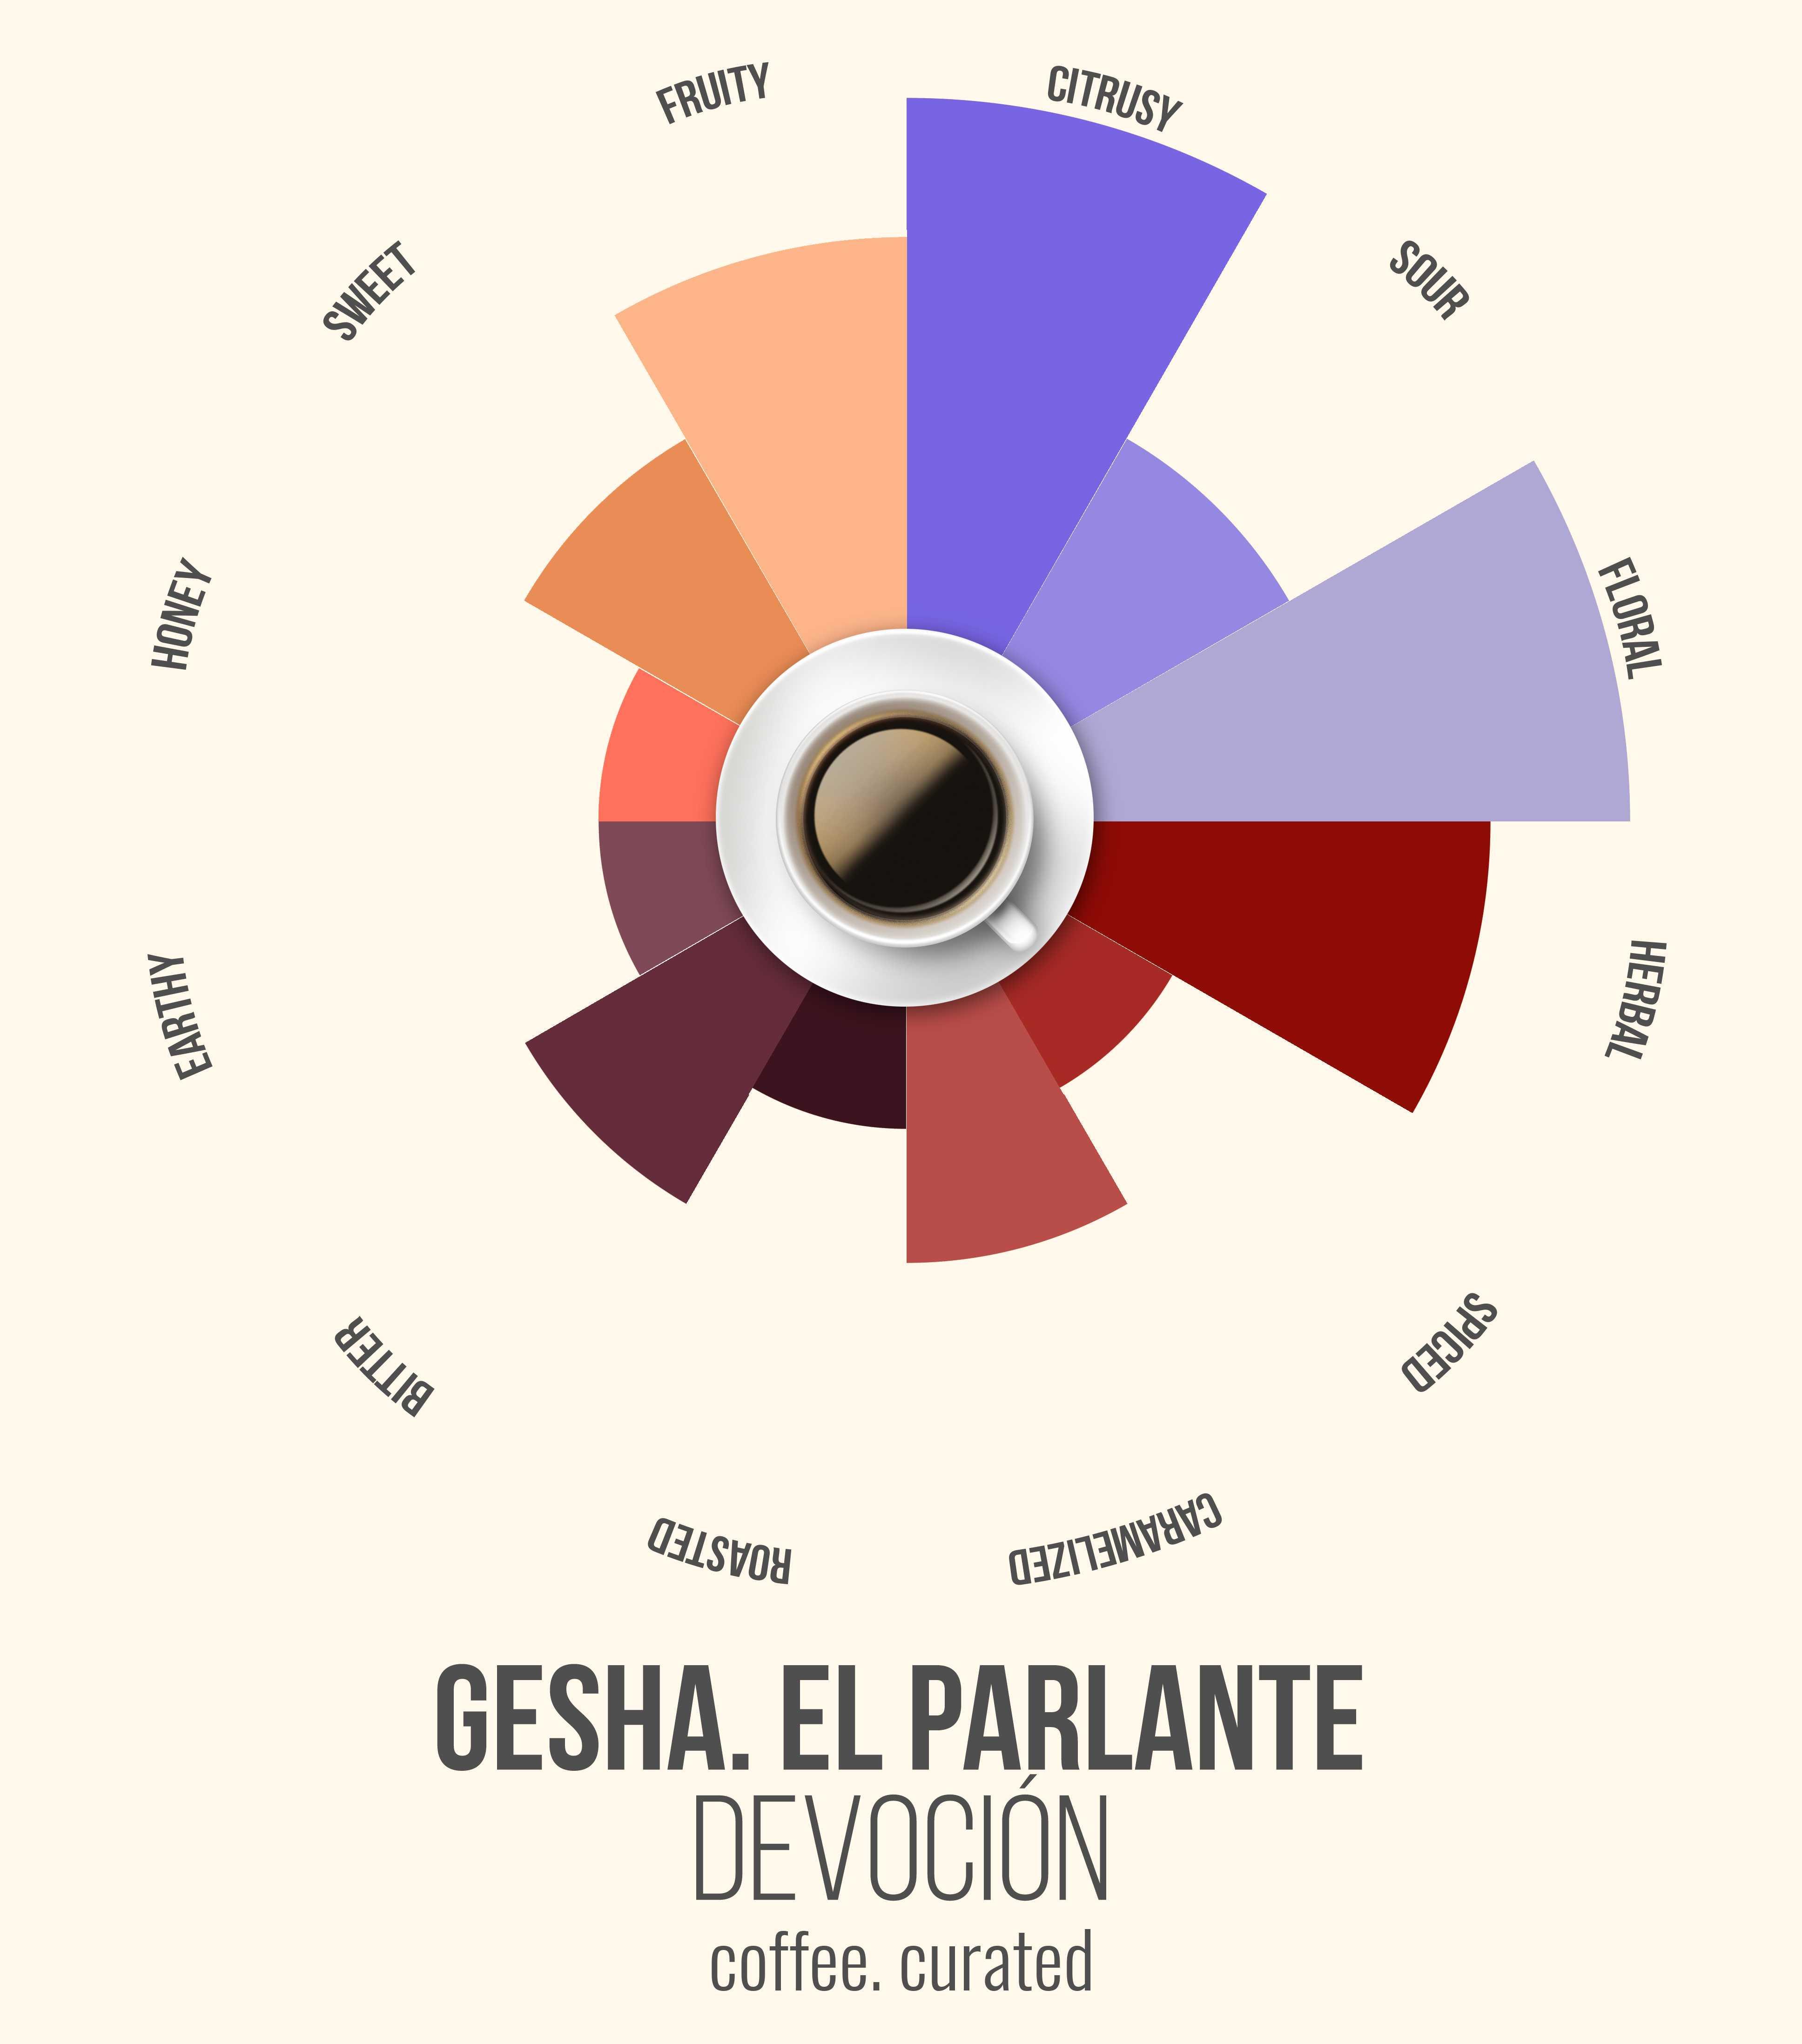 GESHA EL PARLANTE Devocion Coffee